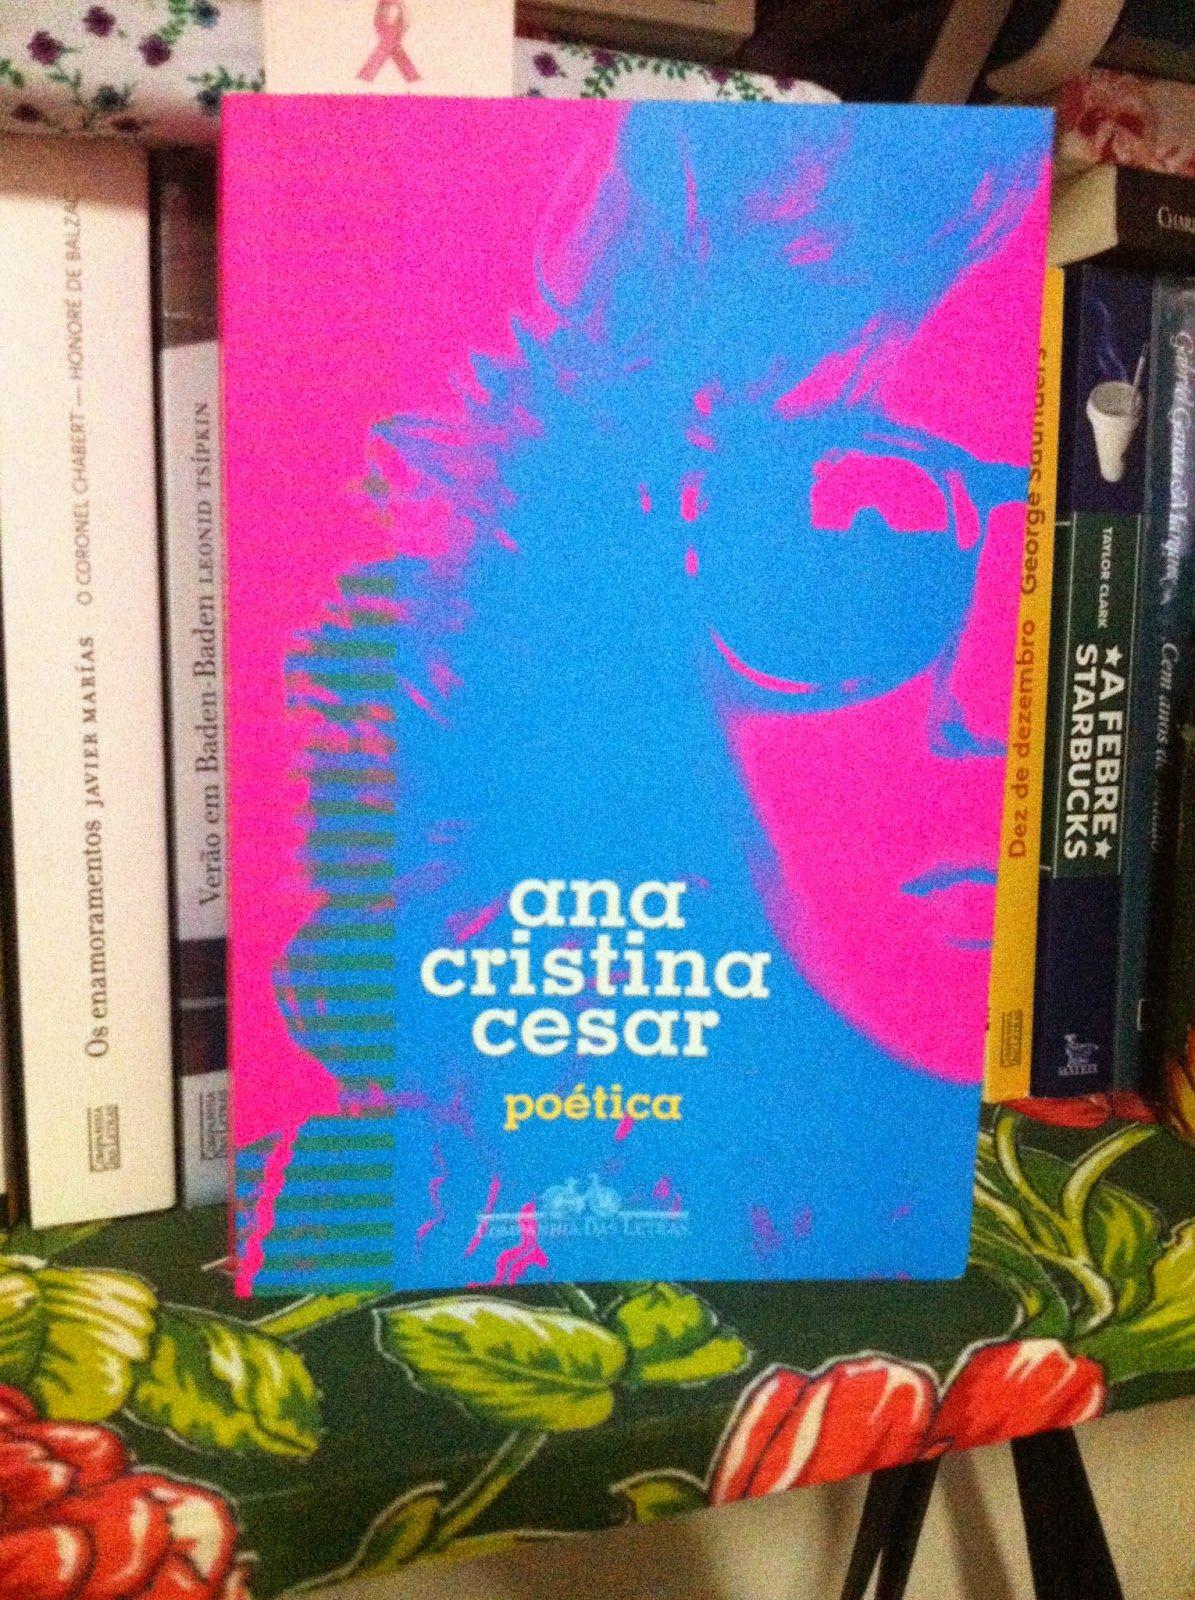 Tem poemas da Ana Cristina Cesar no blog da Dri - A Semana 34 - Novidades Literárias - Adriana Balreira